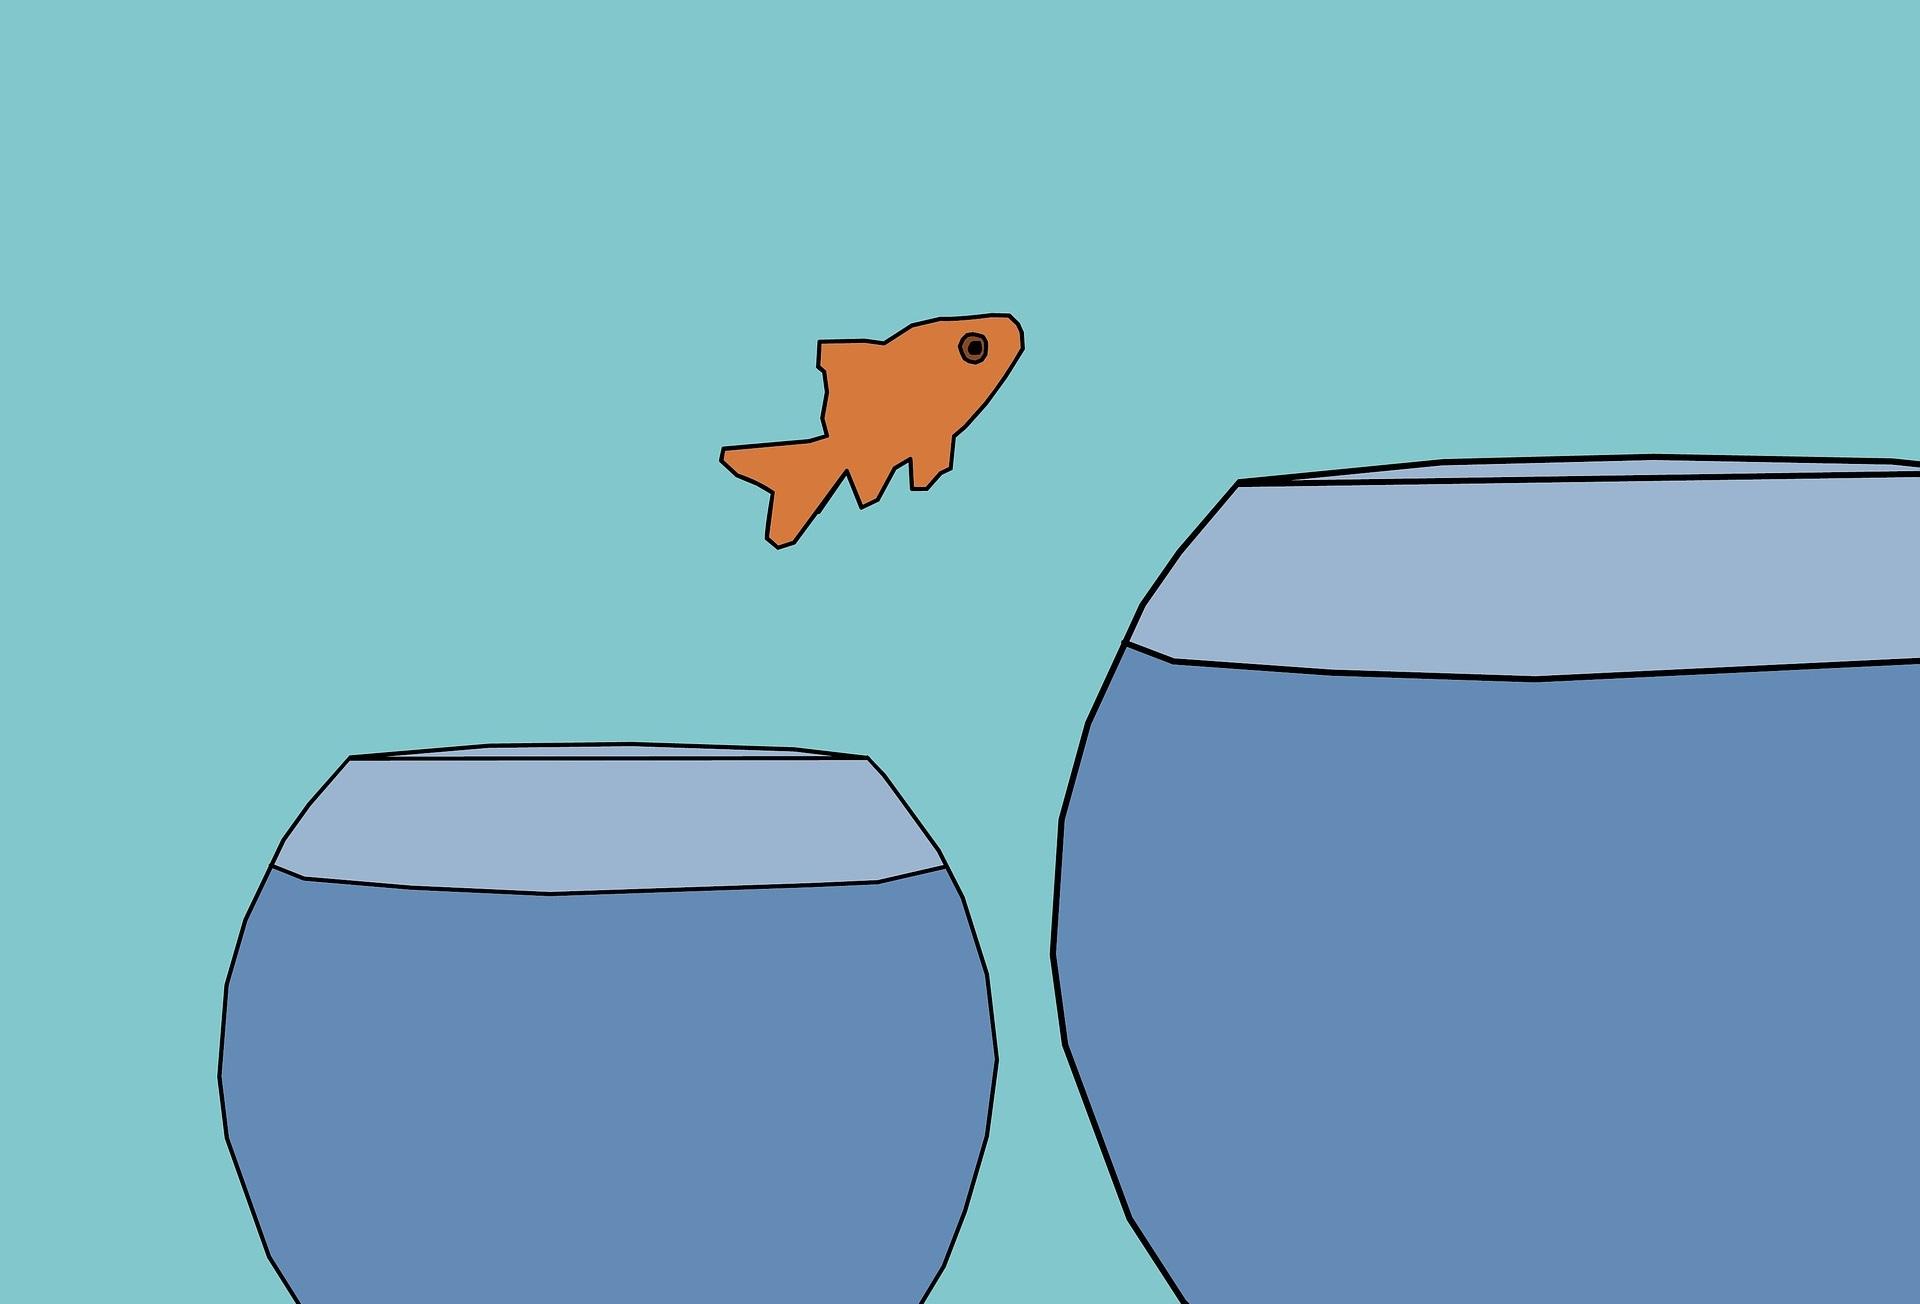 Változtasson a helyzeten! 3 tipp, ha kedvezőtlen pozícióból tárgyal